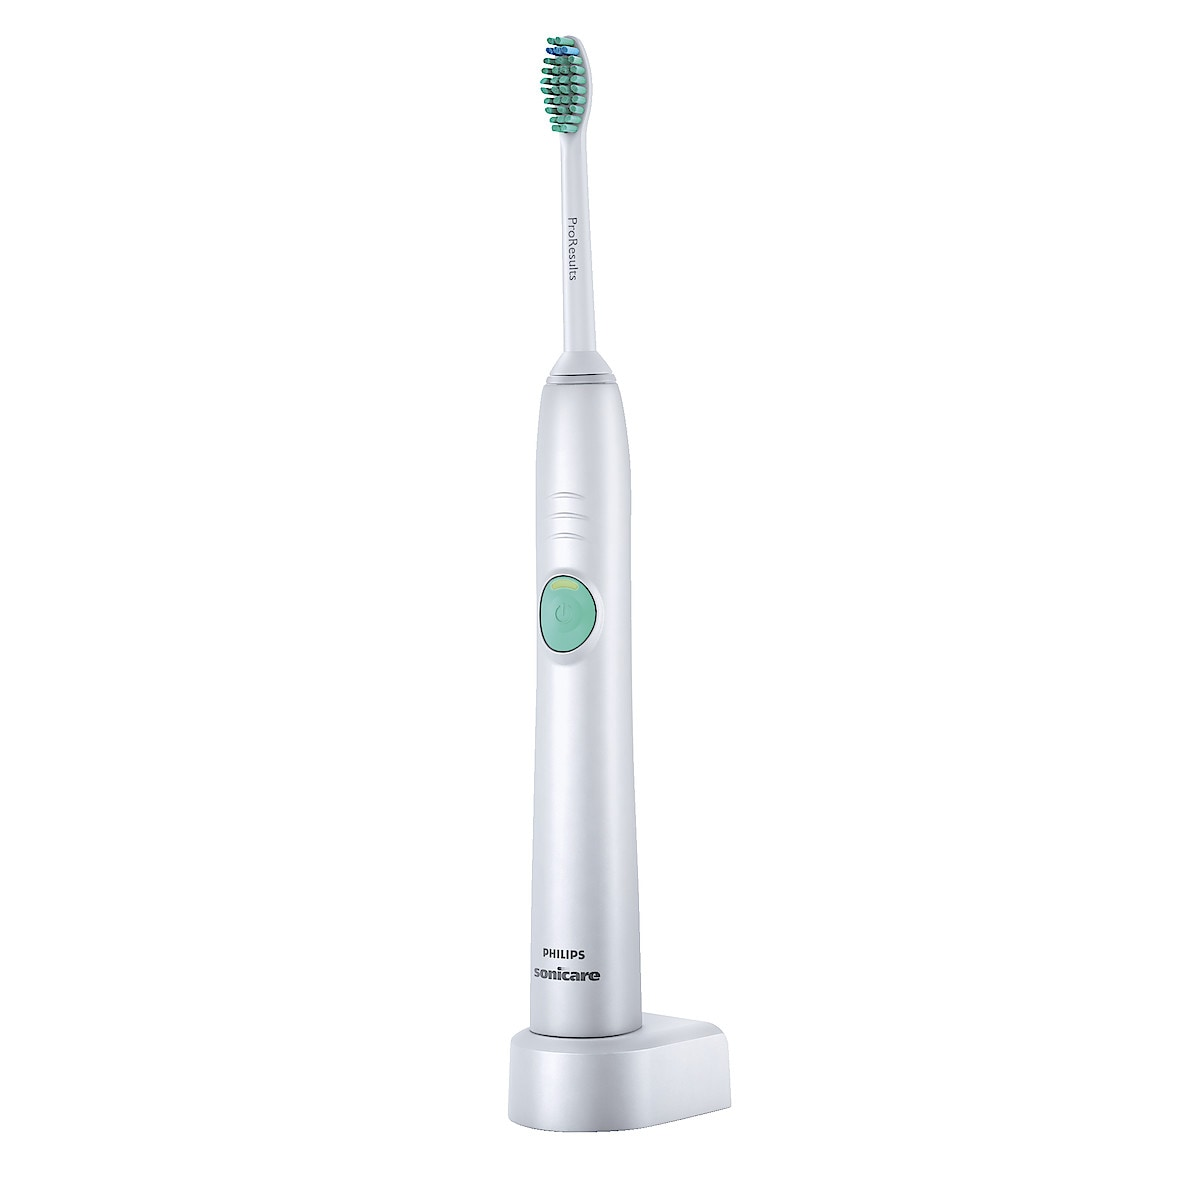 Philips EasyClean Sonicare tannbørste